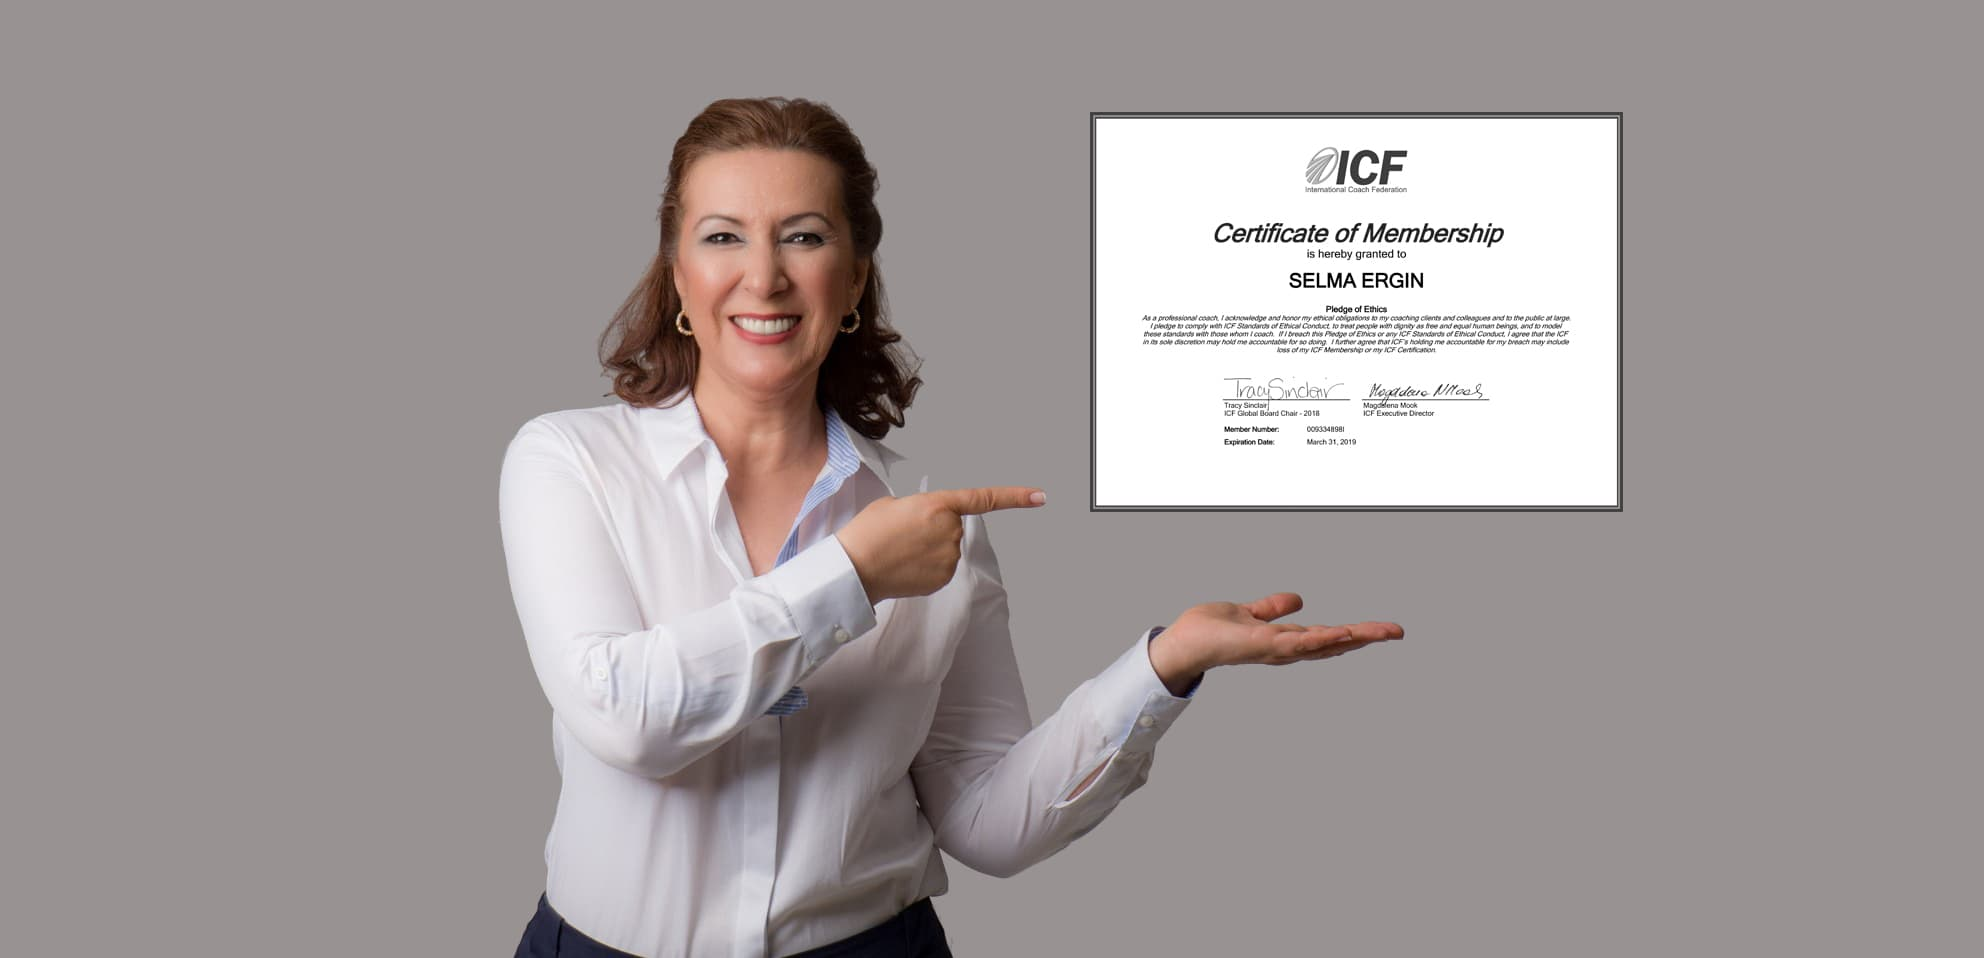 Selma Ergin | ICF Global (Uluslararası Koçluk Federasyonu) Üyelik Sertifikası